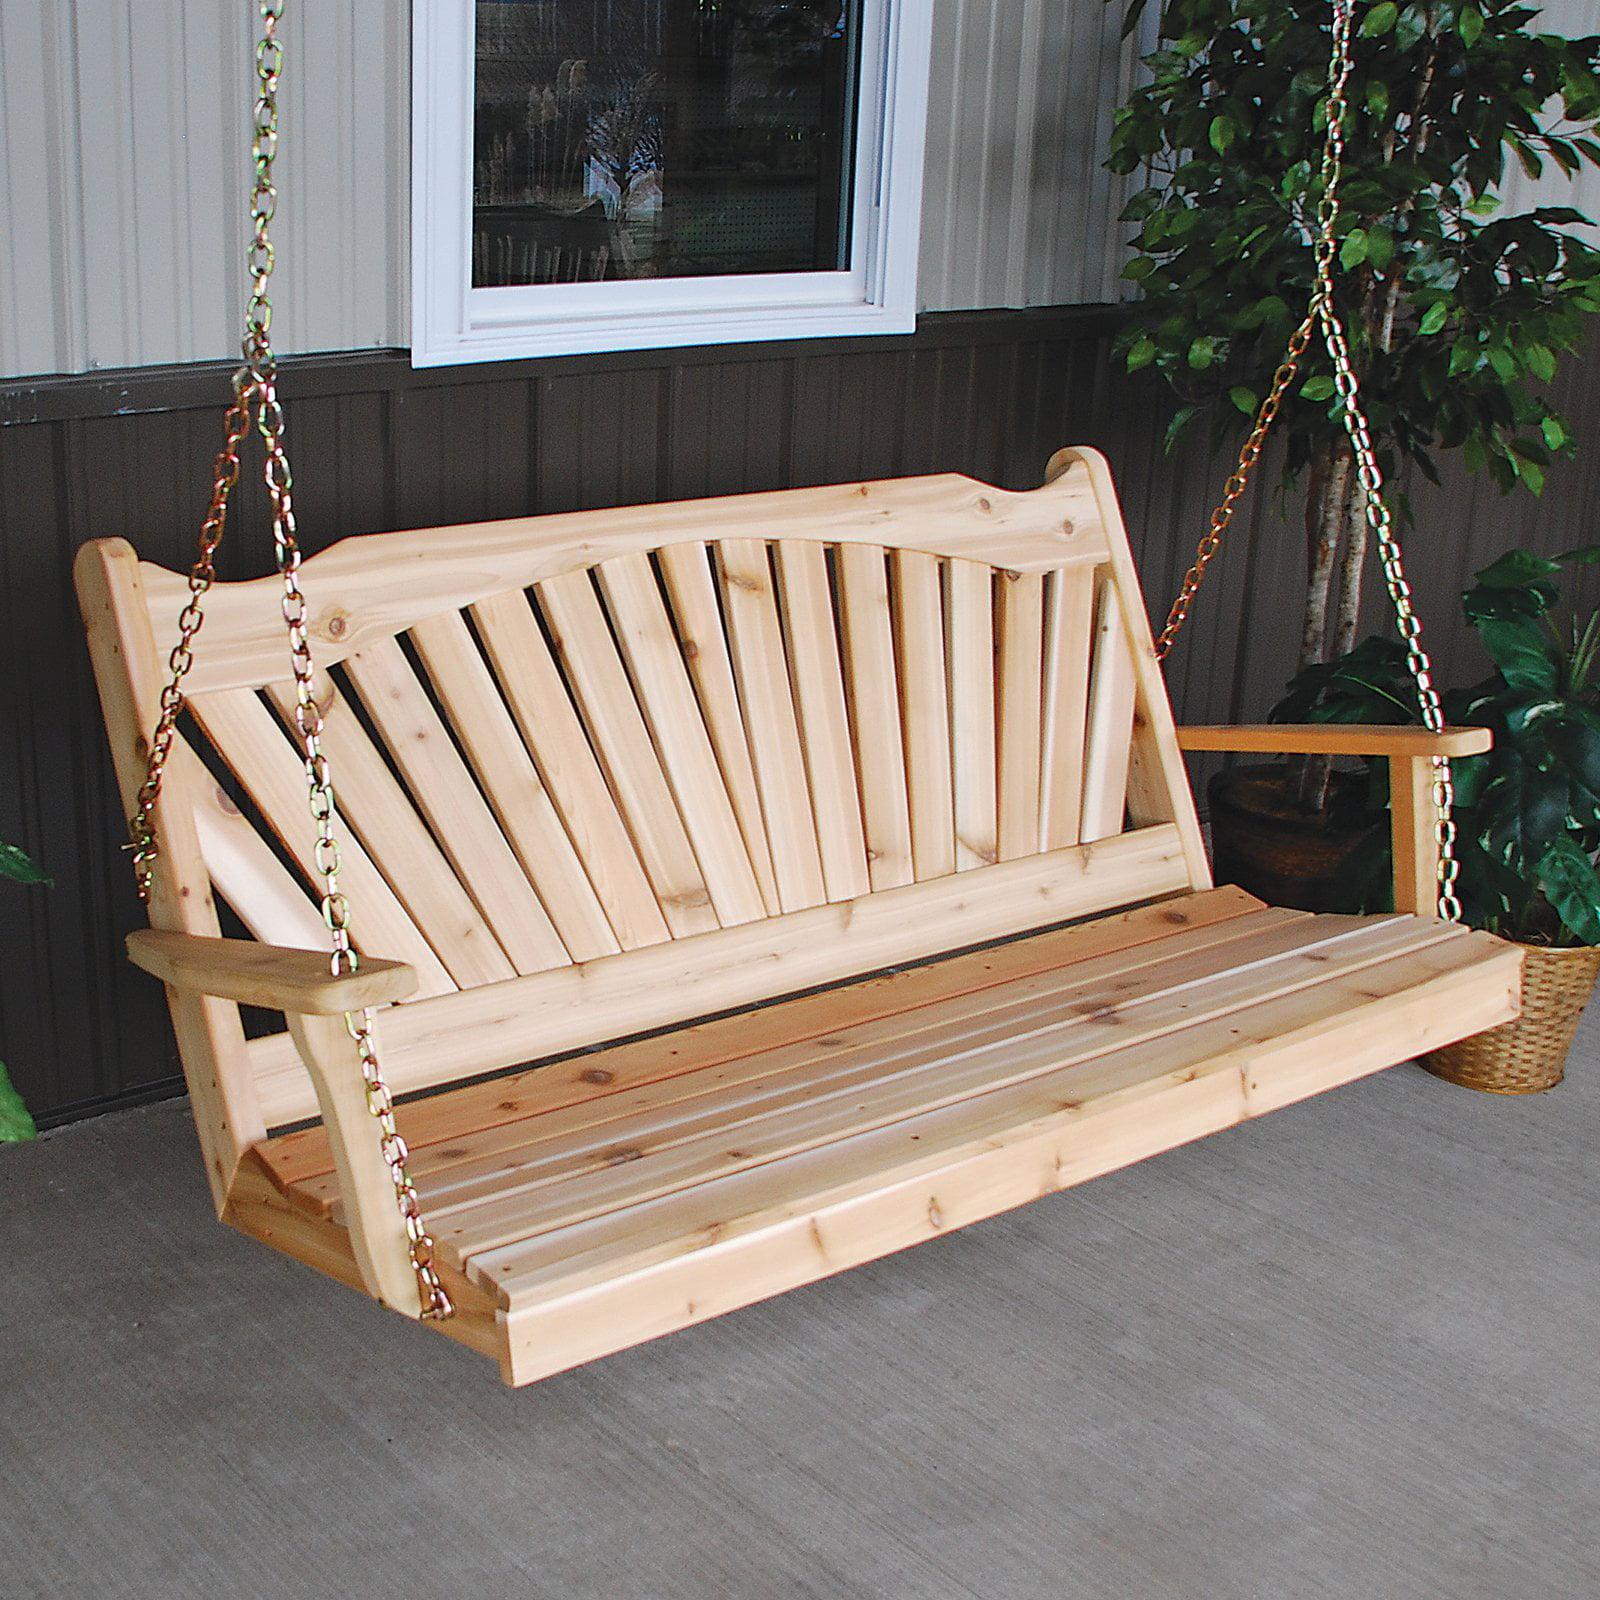 A & L Furniture Western Red Cedar Fanback Porch Swing